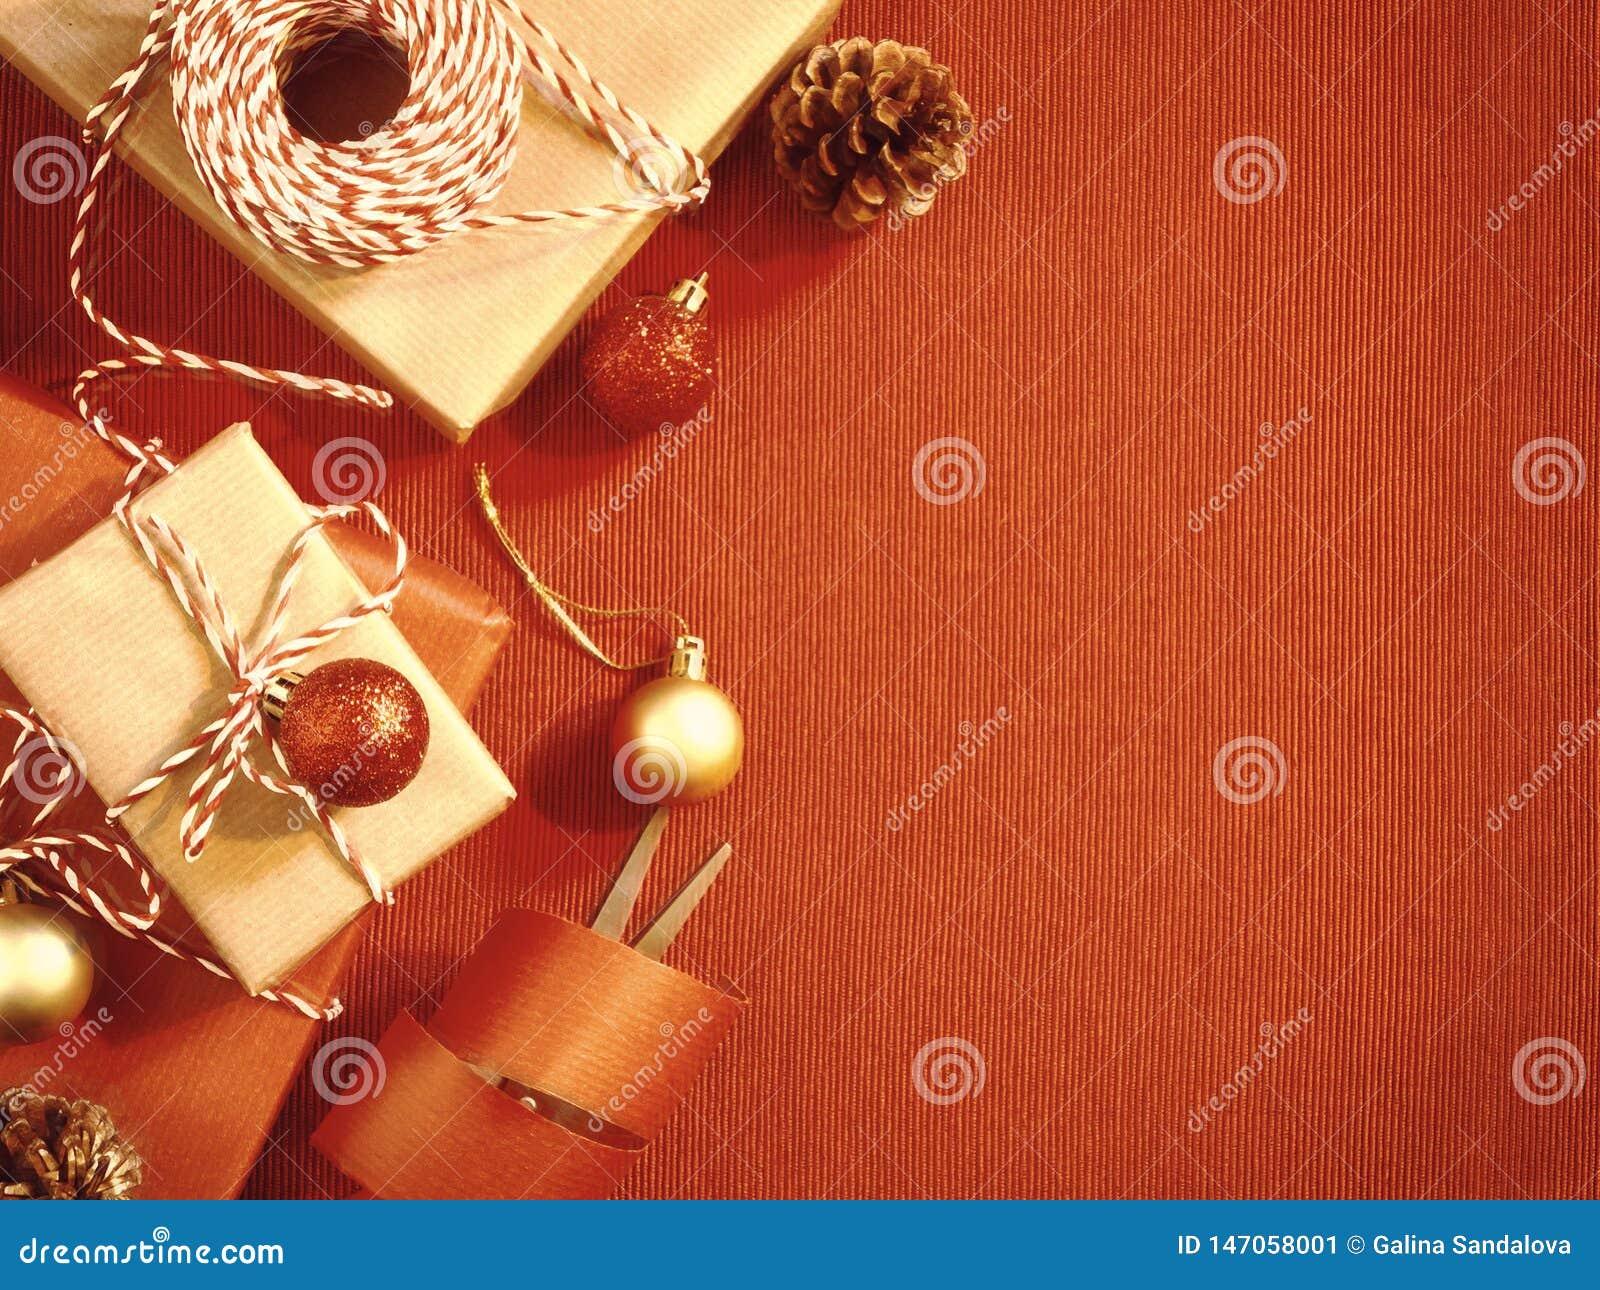 Förbereda sig för ferien - inpackning av jul- eller julgåvor i rött och beige inpackningspapper